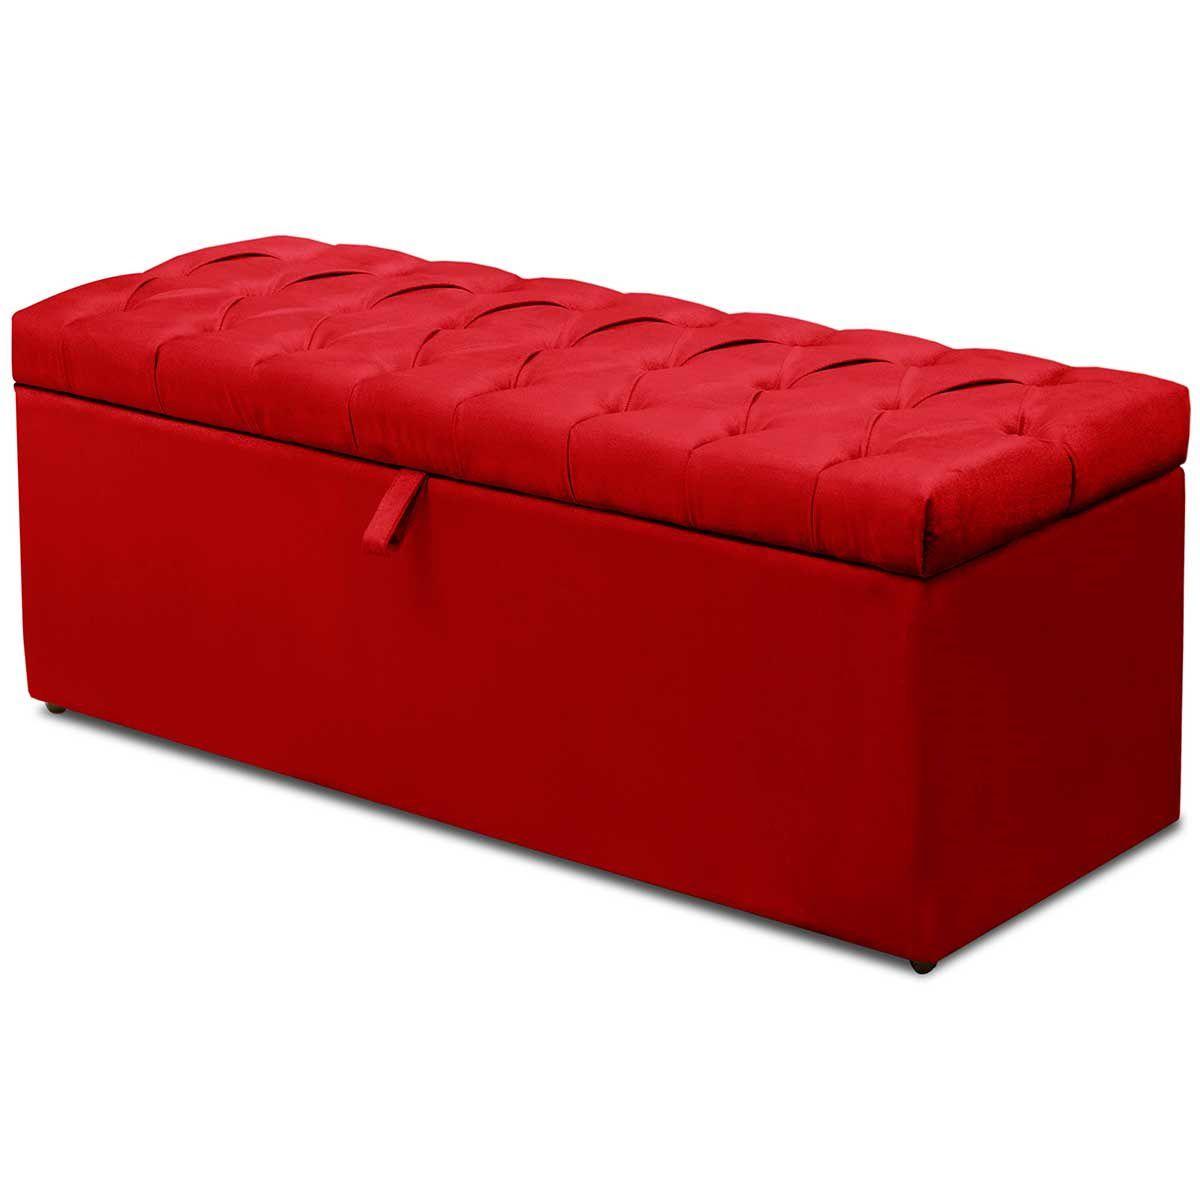 Kit Cabeceira Paris Calçadeira Itália Casal 140 cm Vermelho